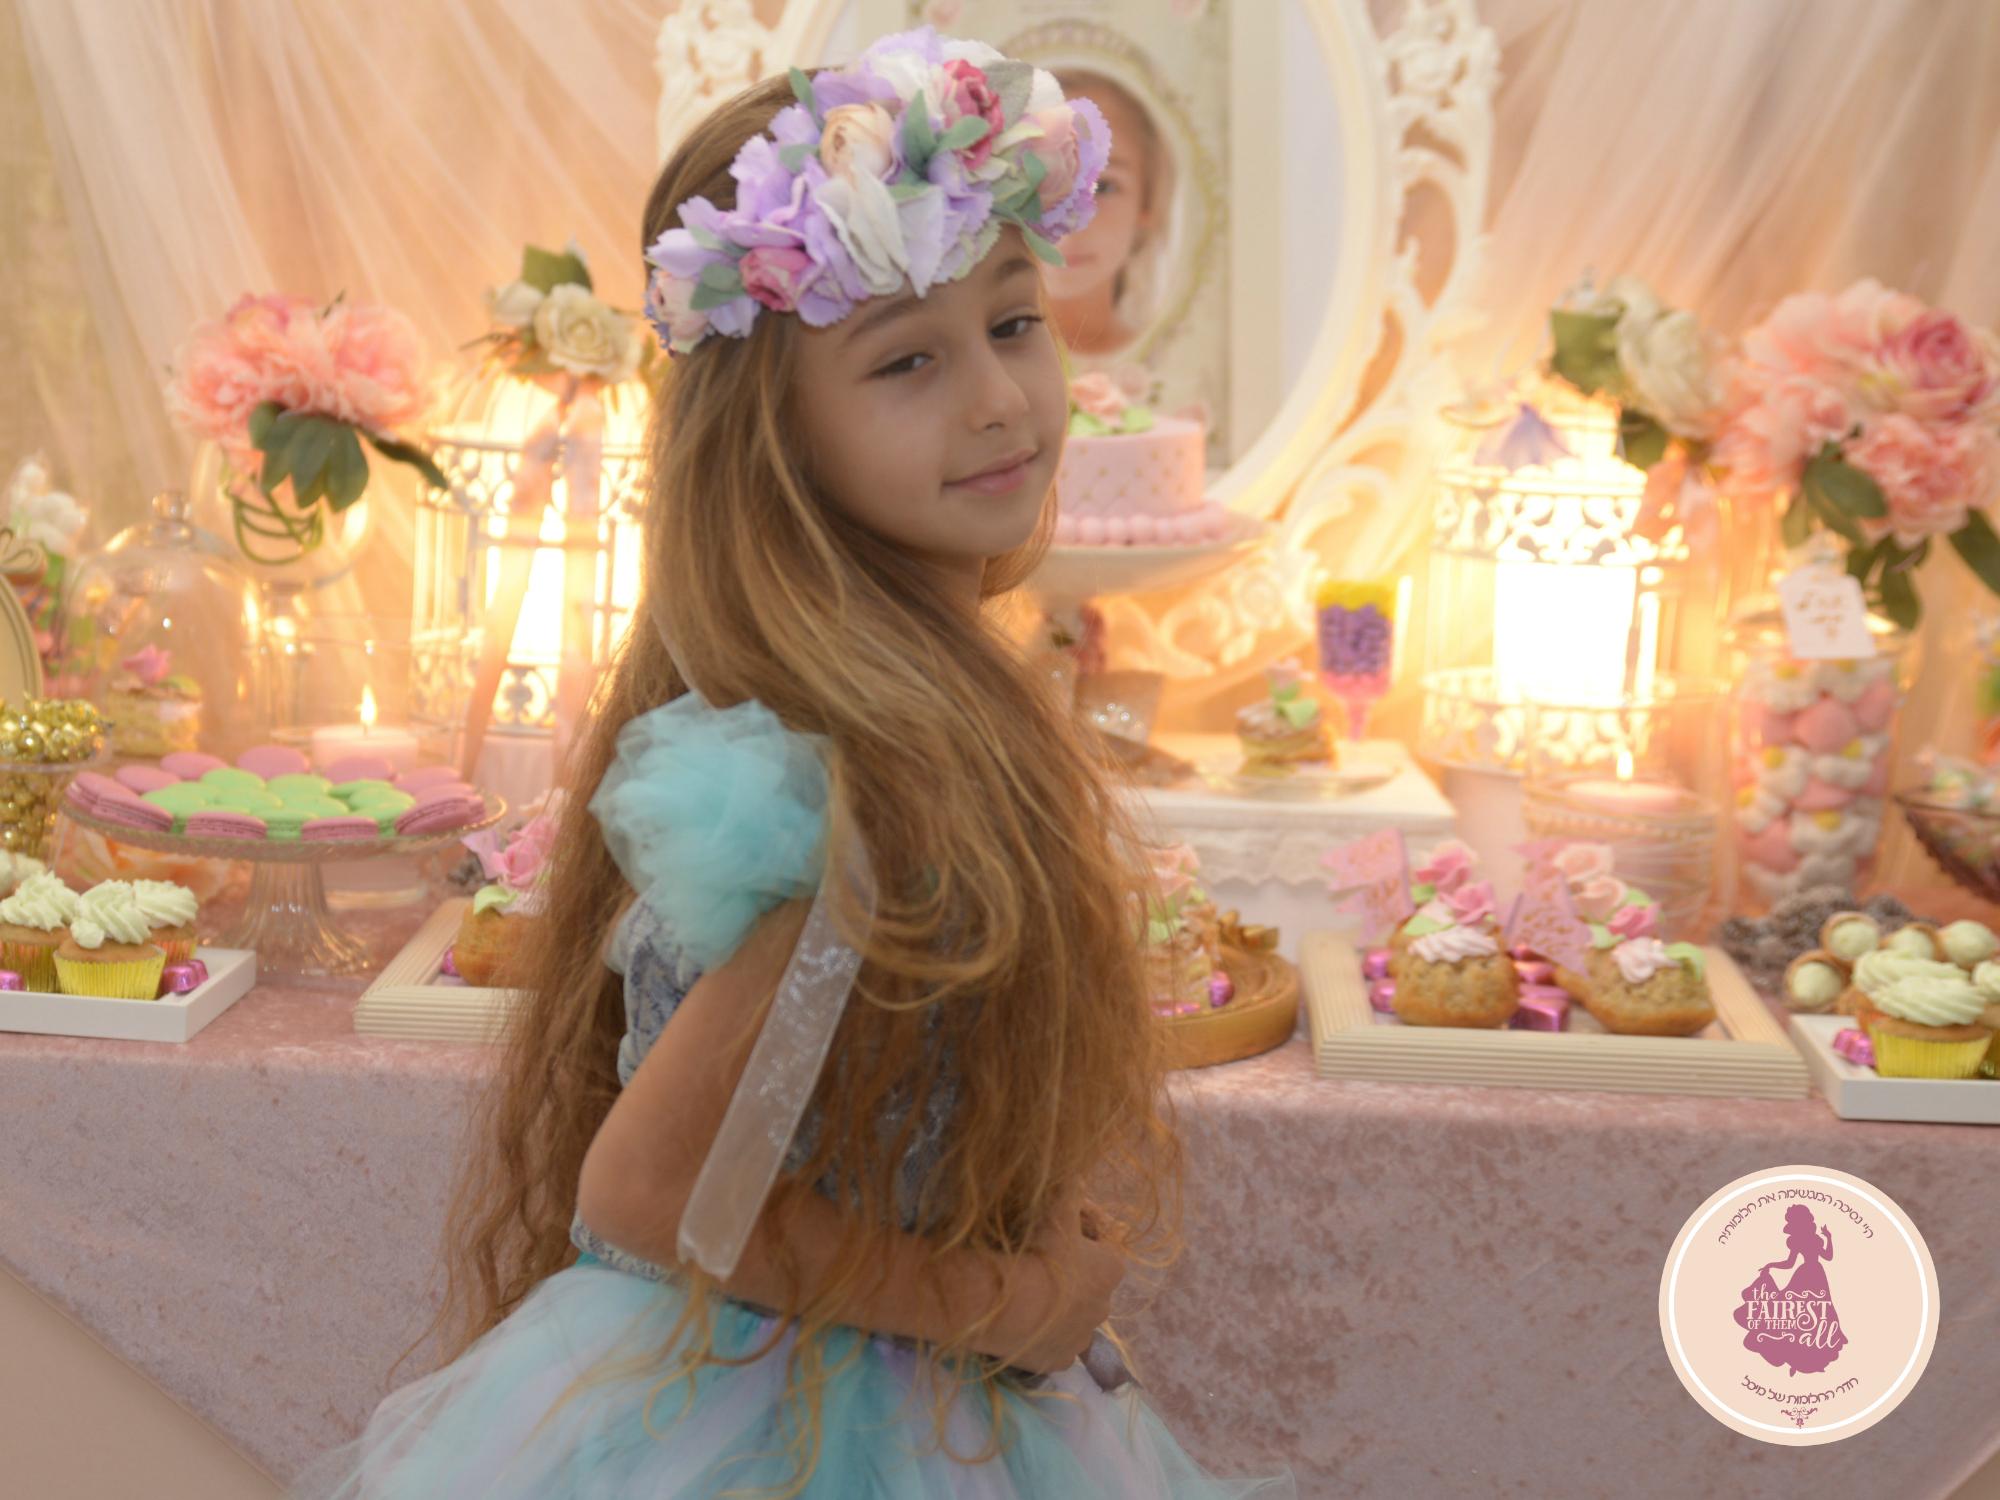 תמונות מיום הולדת נסיכותי לבנות